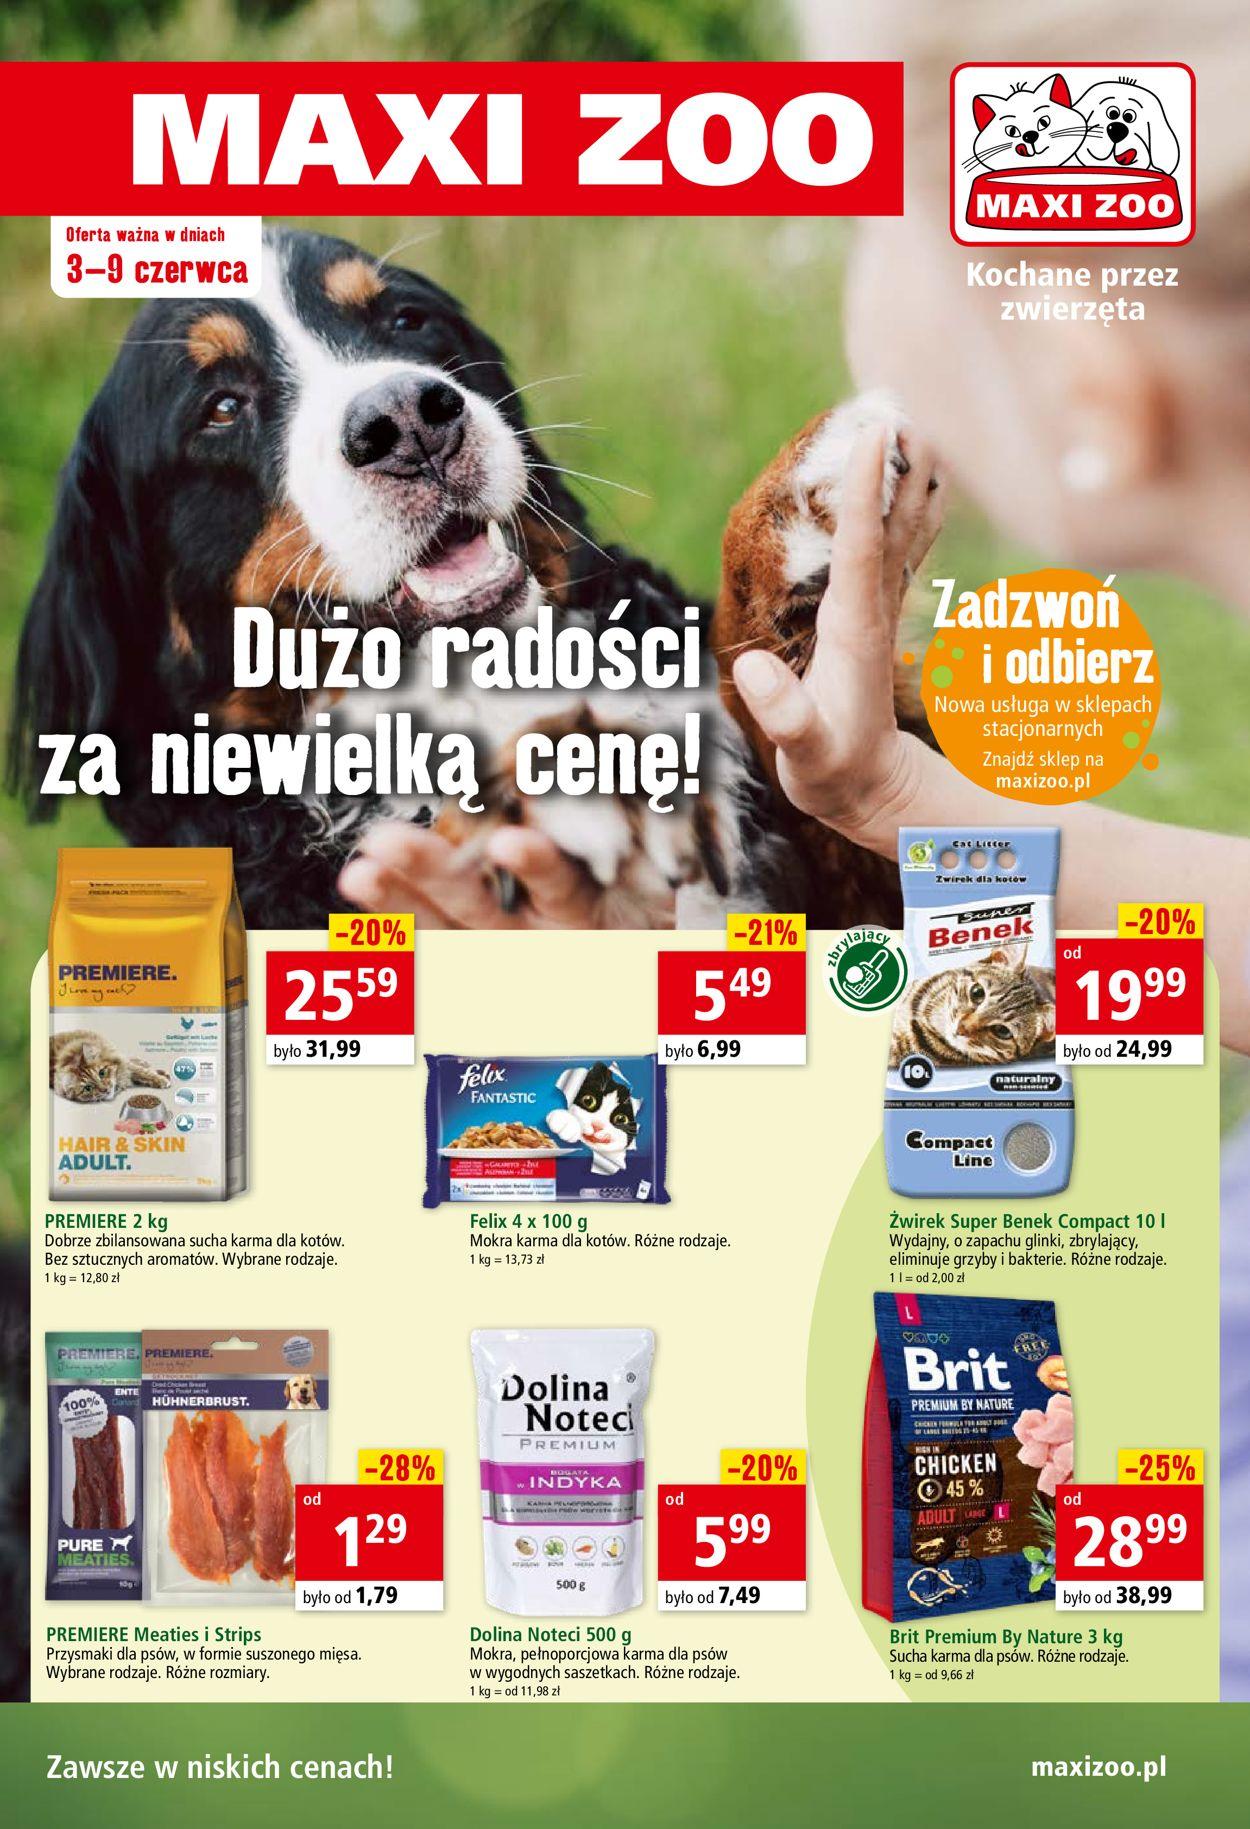 Gazetka promocyjna Maxi Zoo - 03.06-09.06.2020